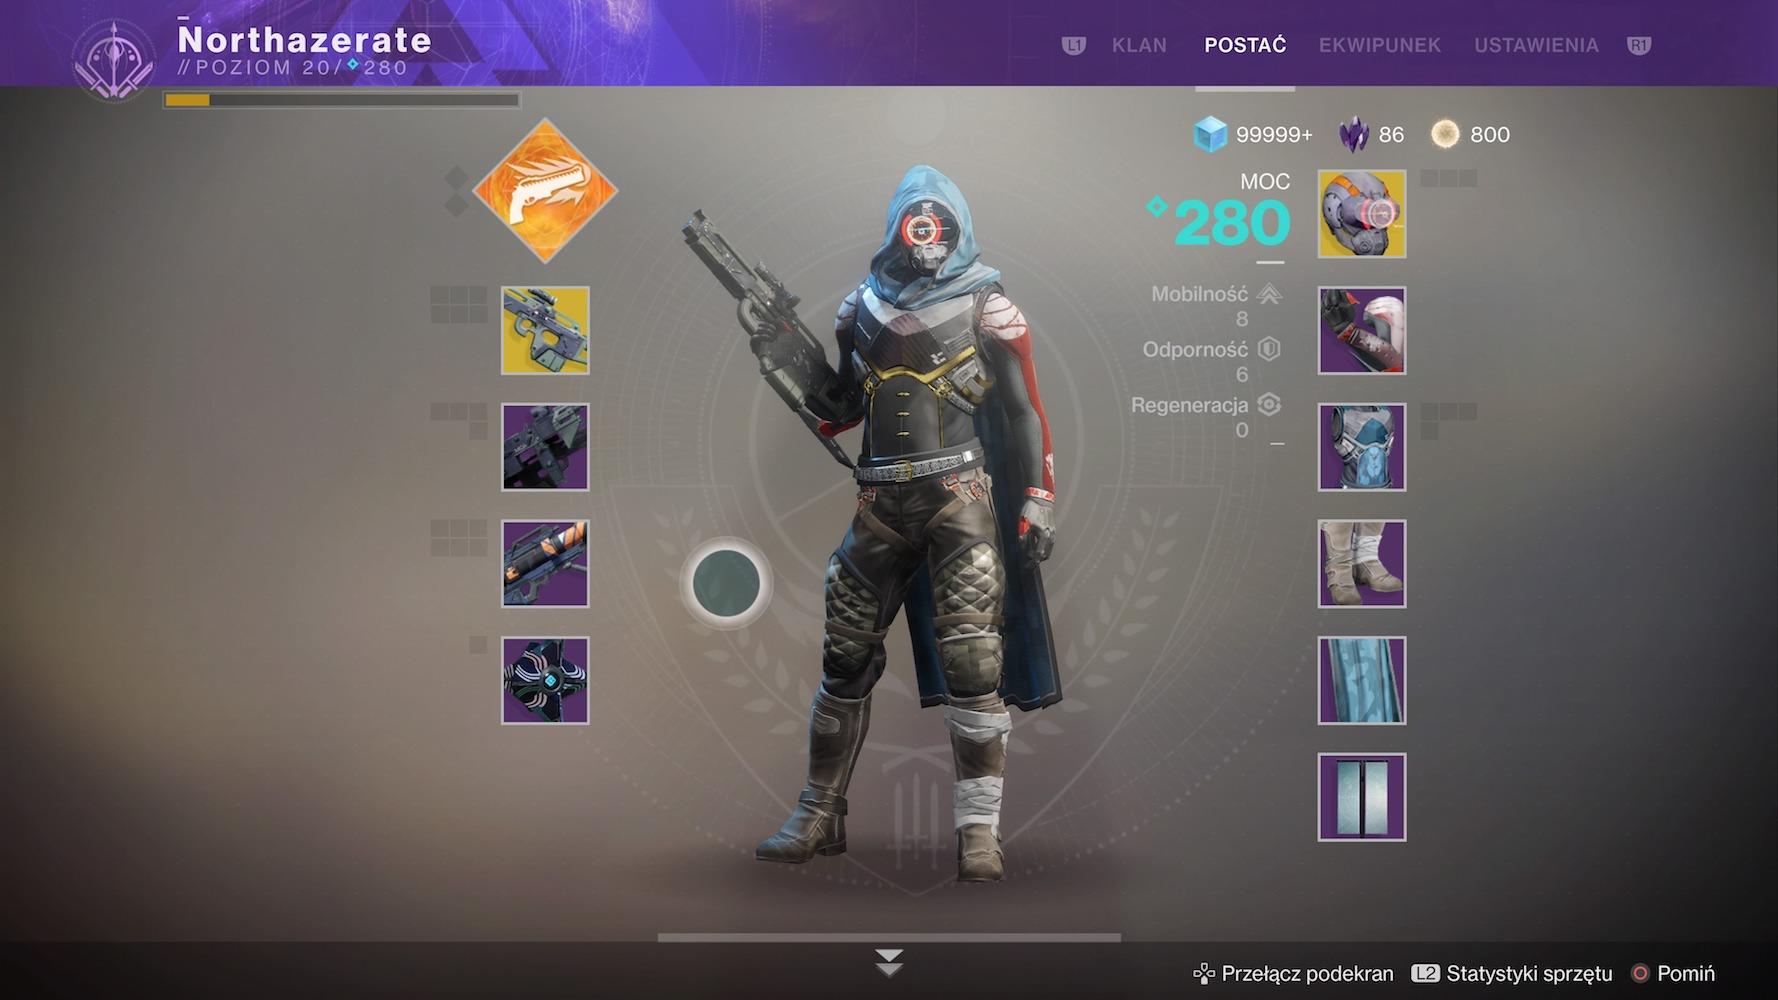 destiny 2 - informacje o postaci